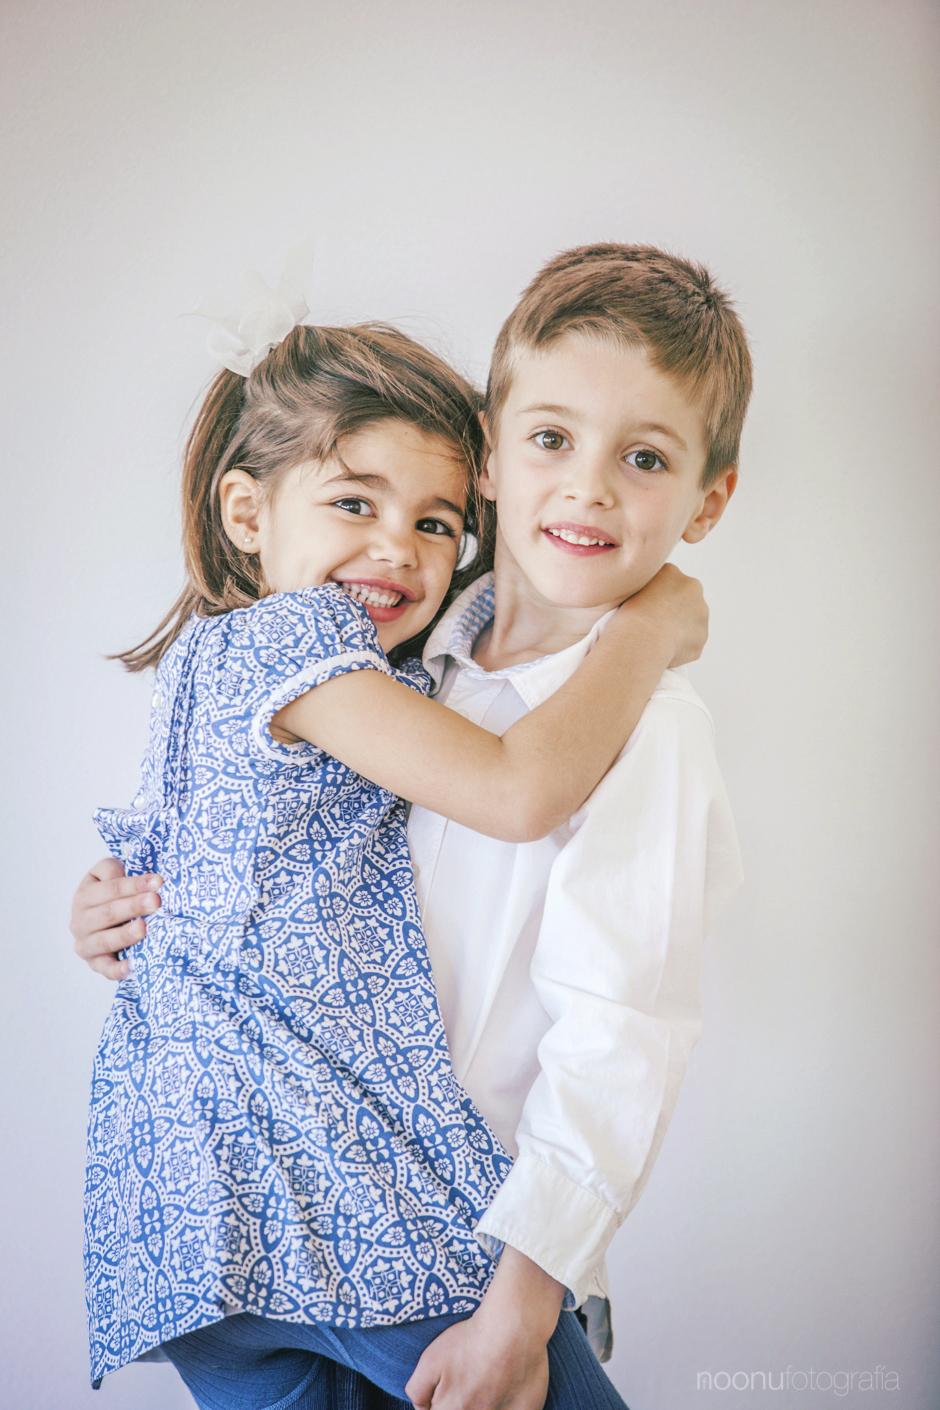 Noonu-fotografo-de-familia-beatriz1-2